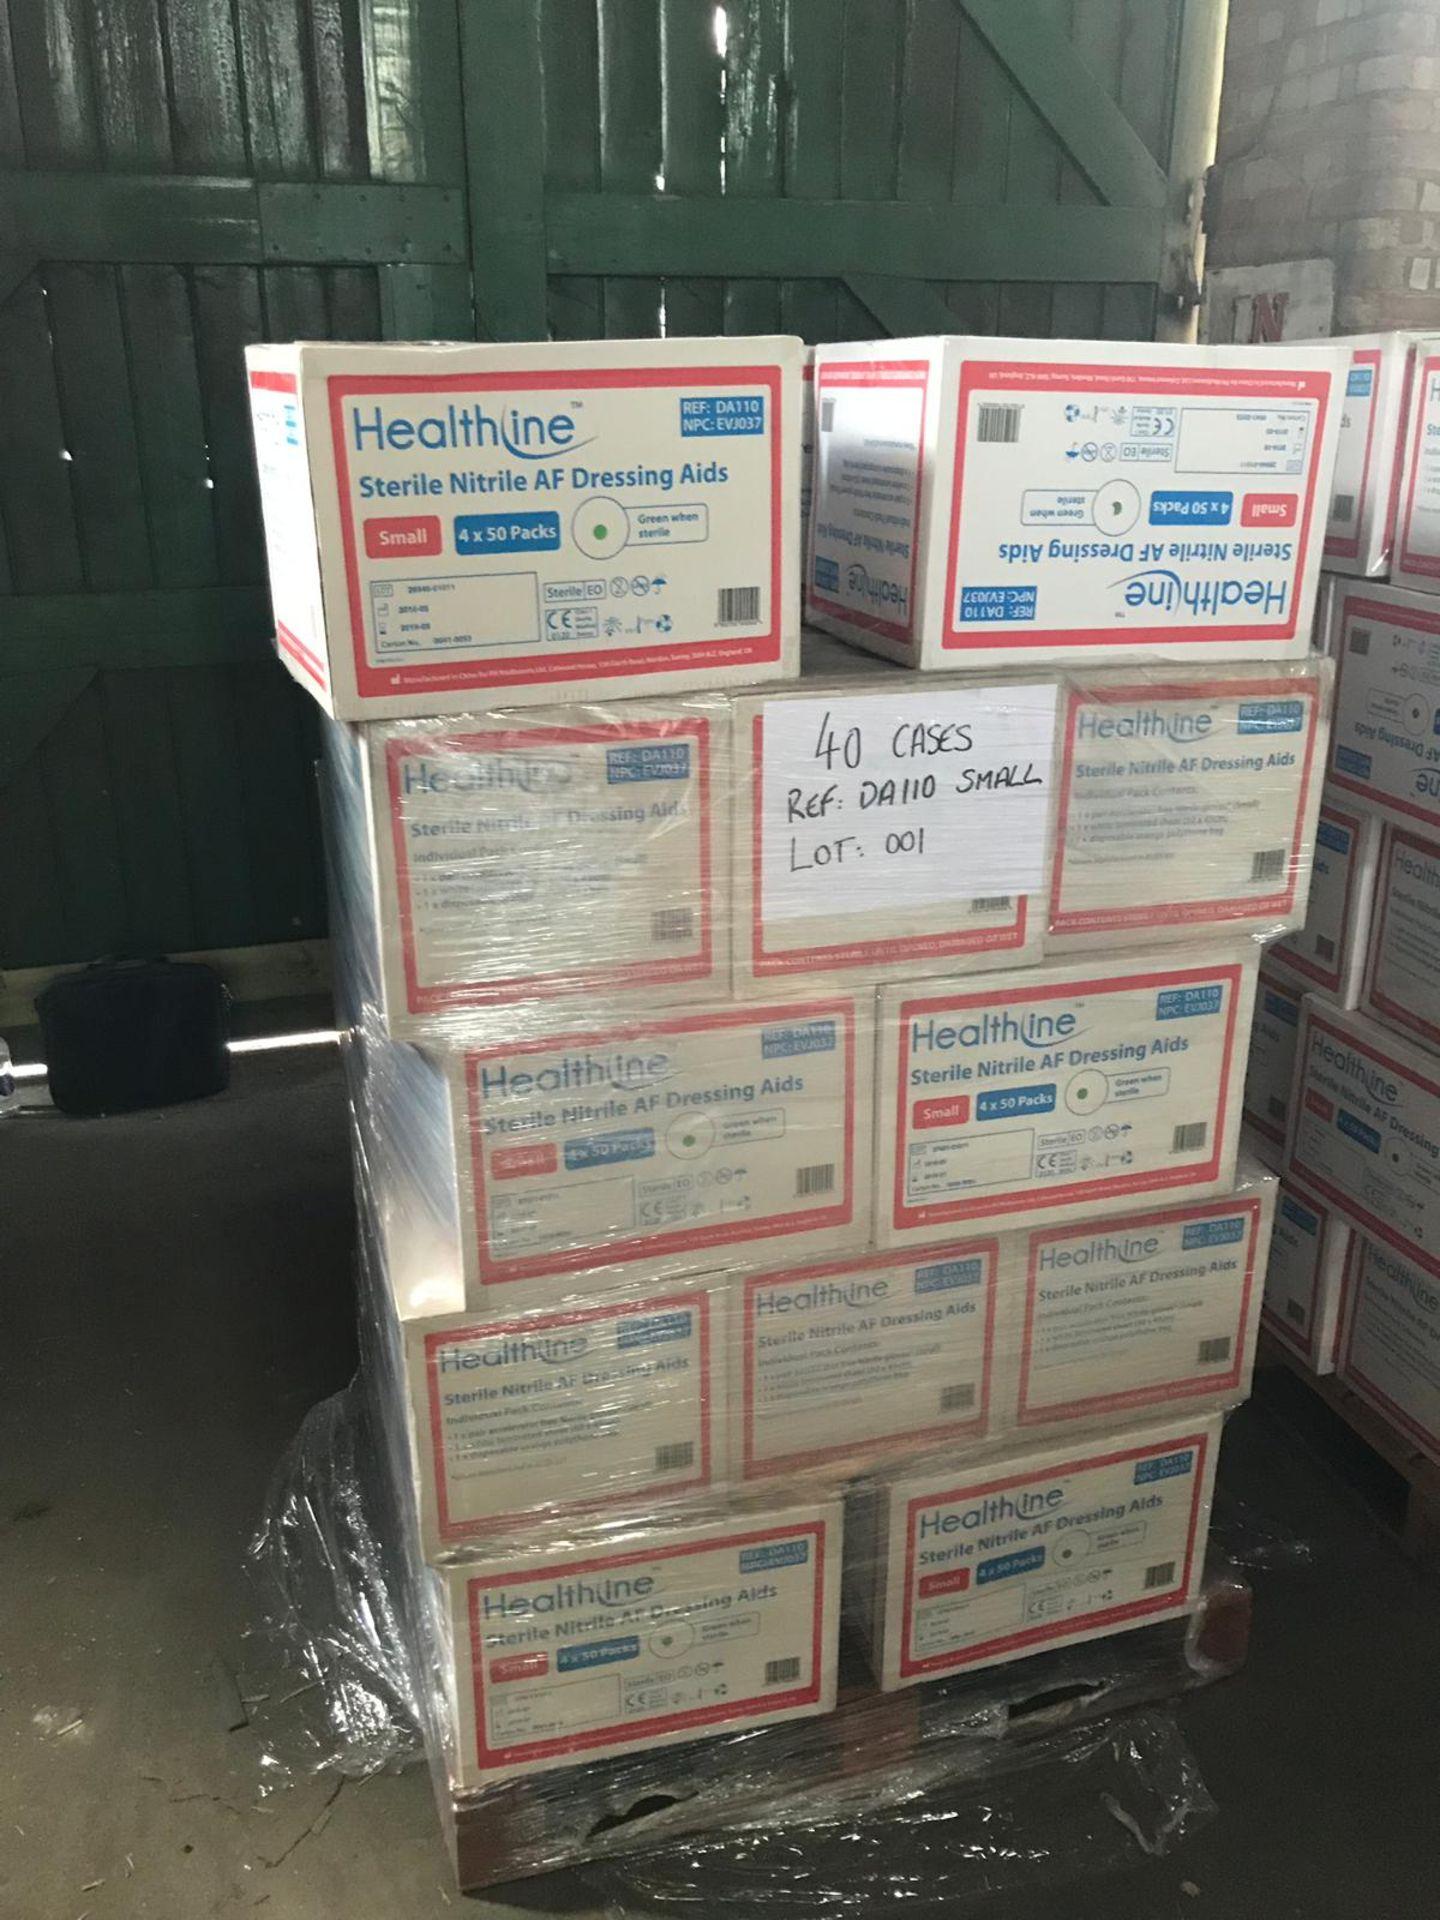 Lot 1 - STERILE NITRILE AF DRESSING AIDS SMALL 40 CASES ON PALLET